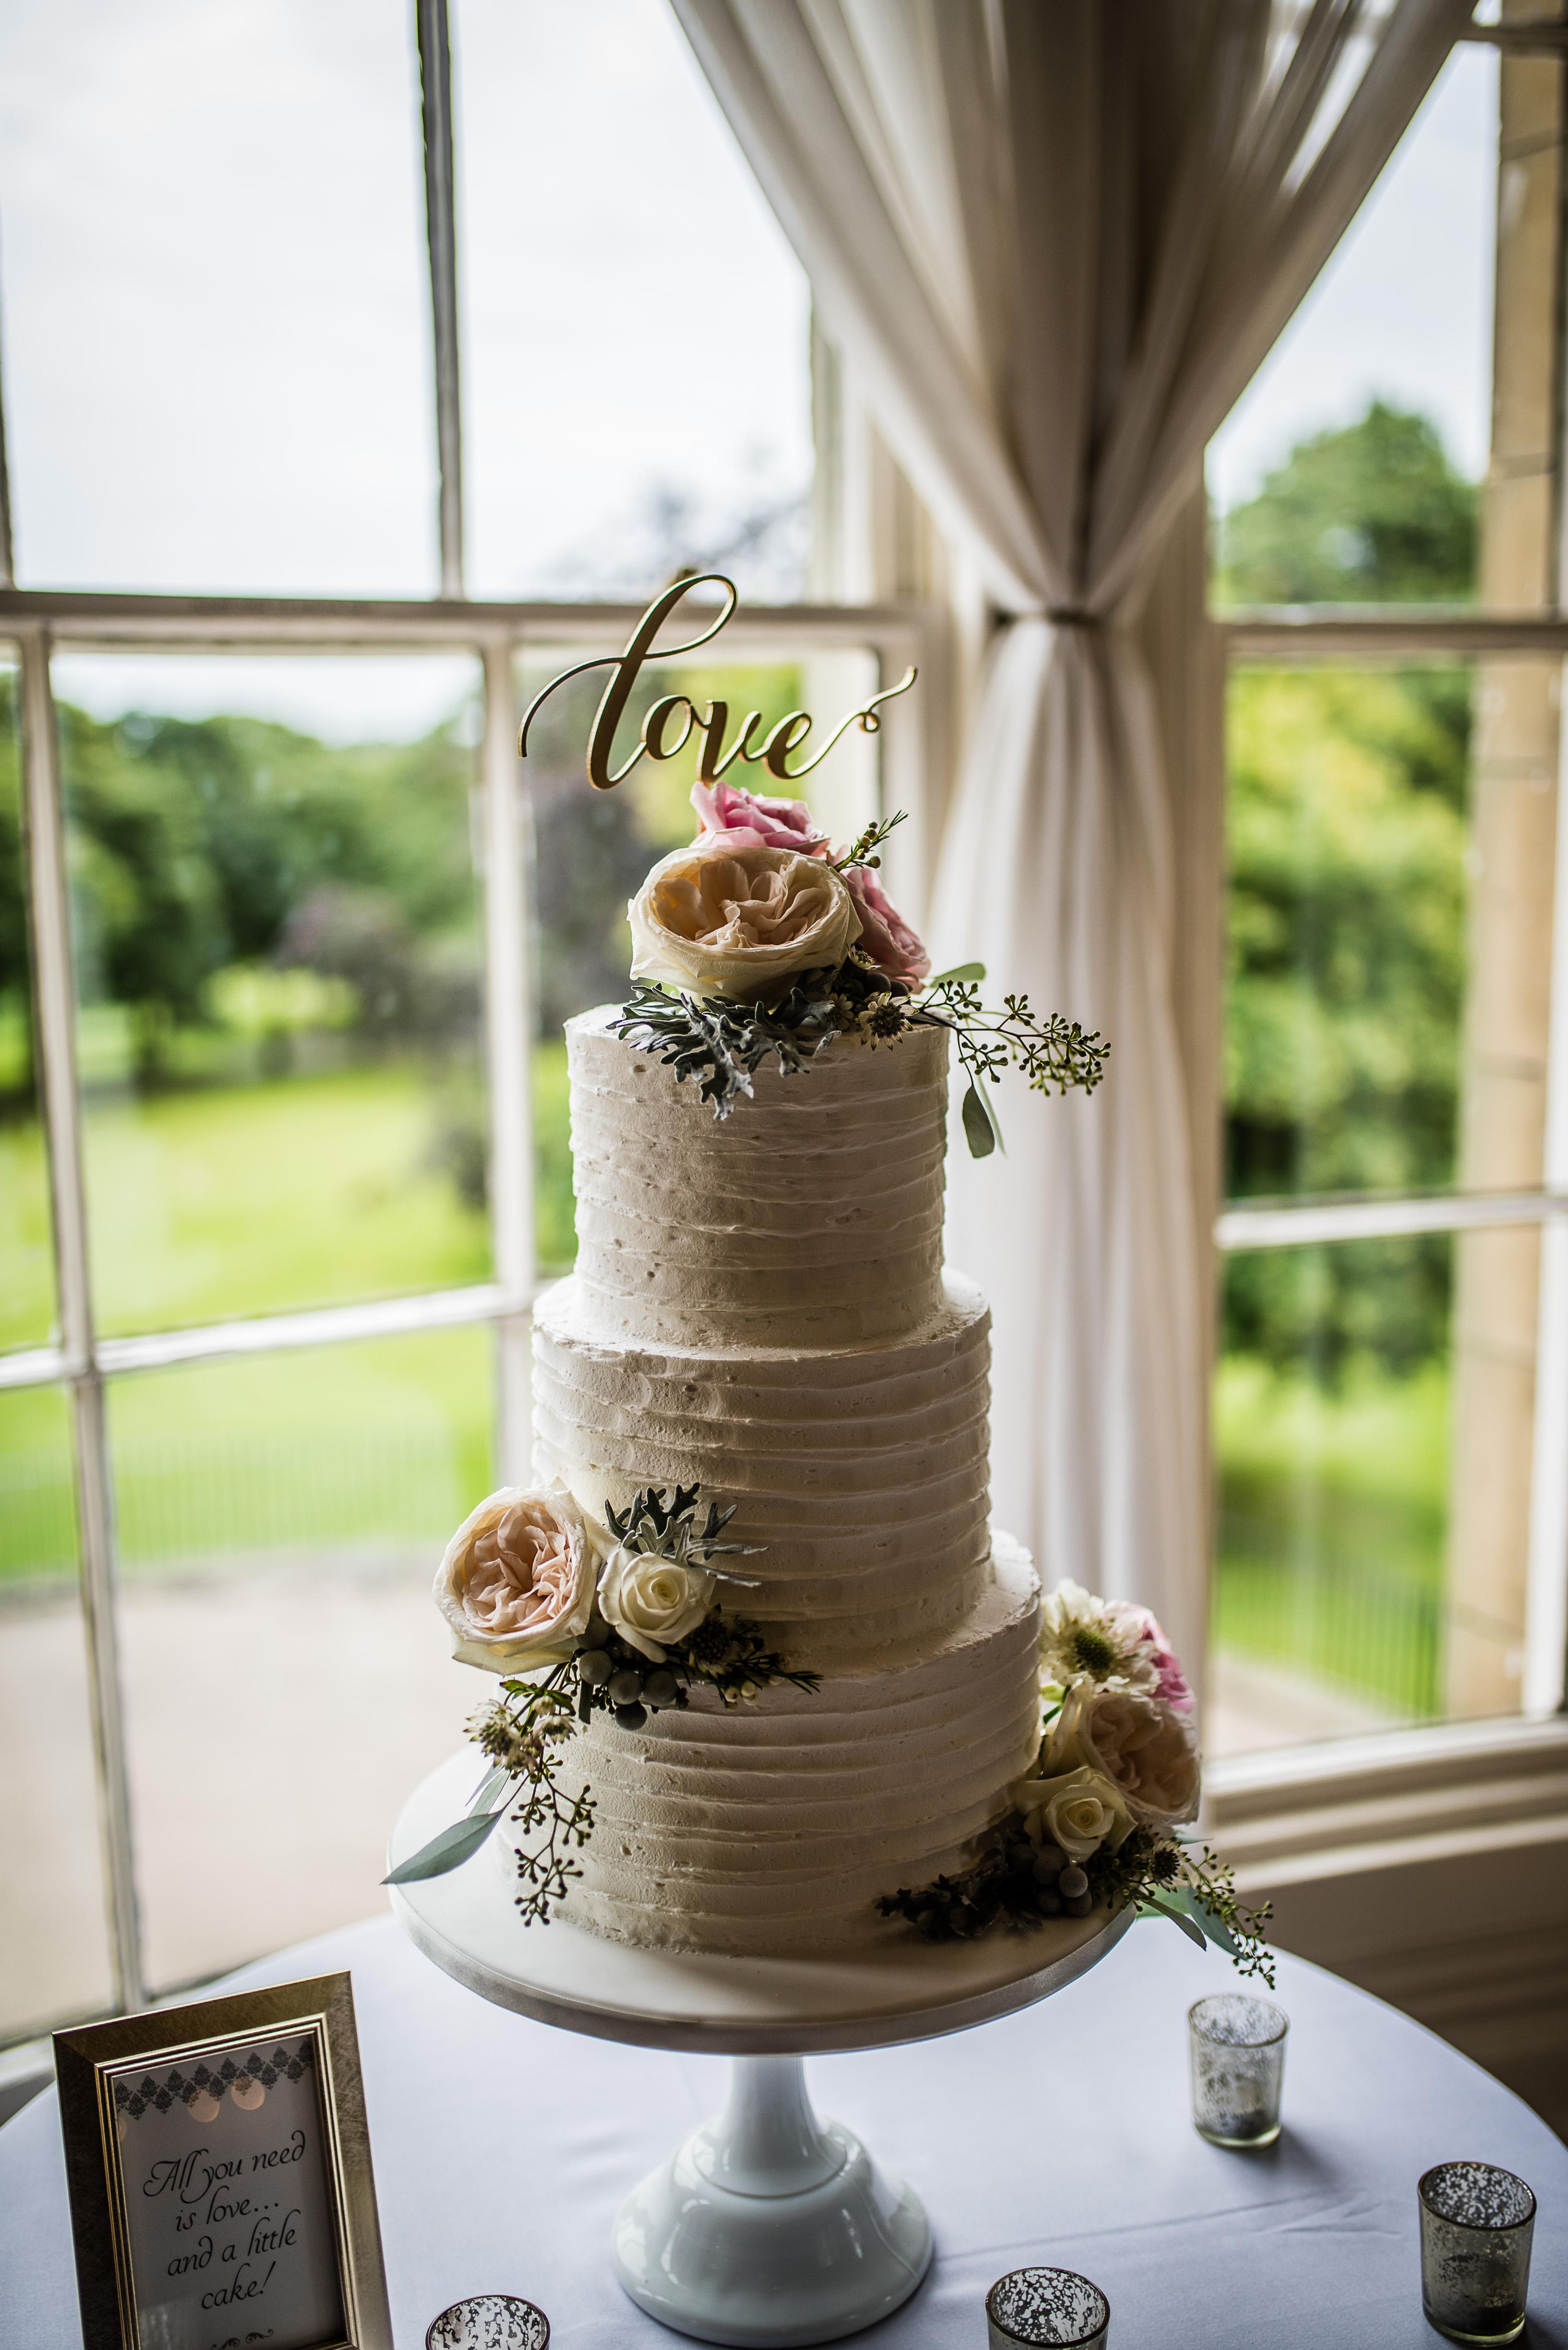 Wedding Cake by Poppy Pickering